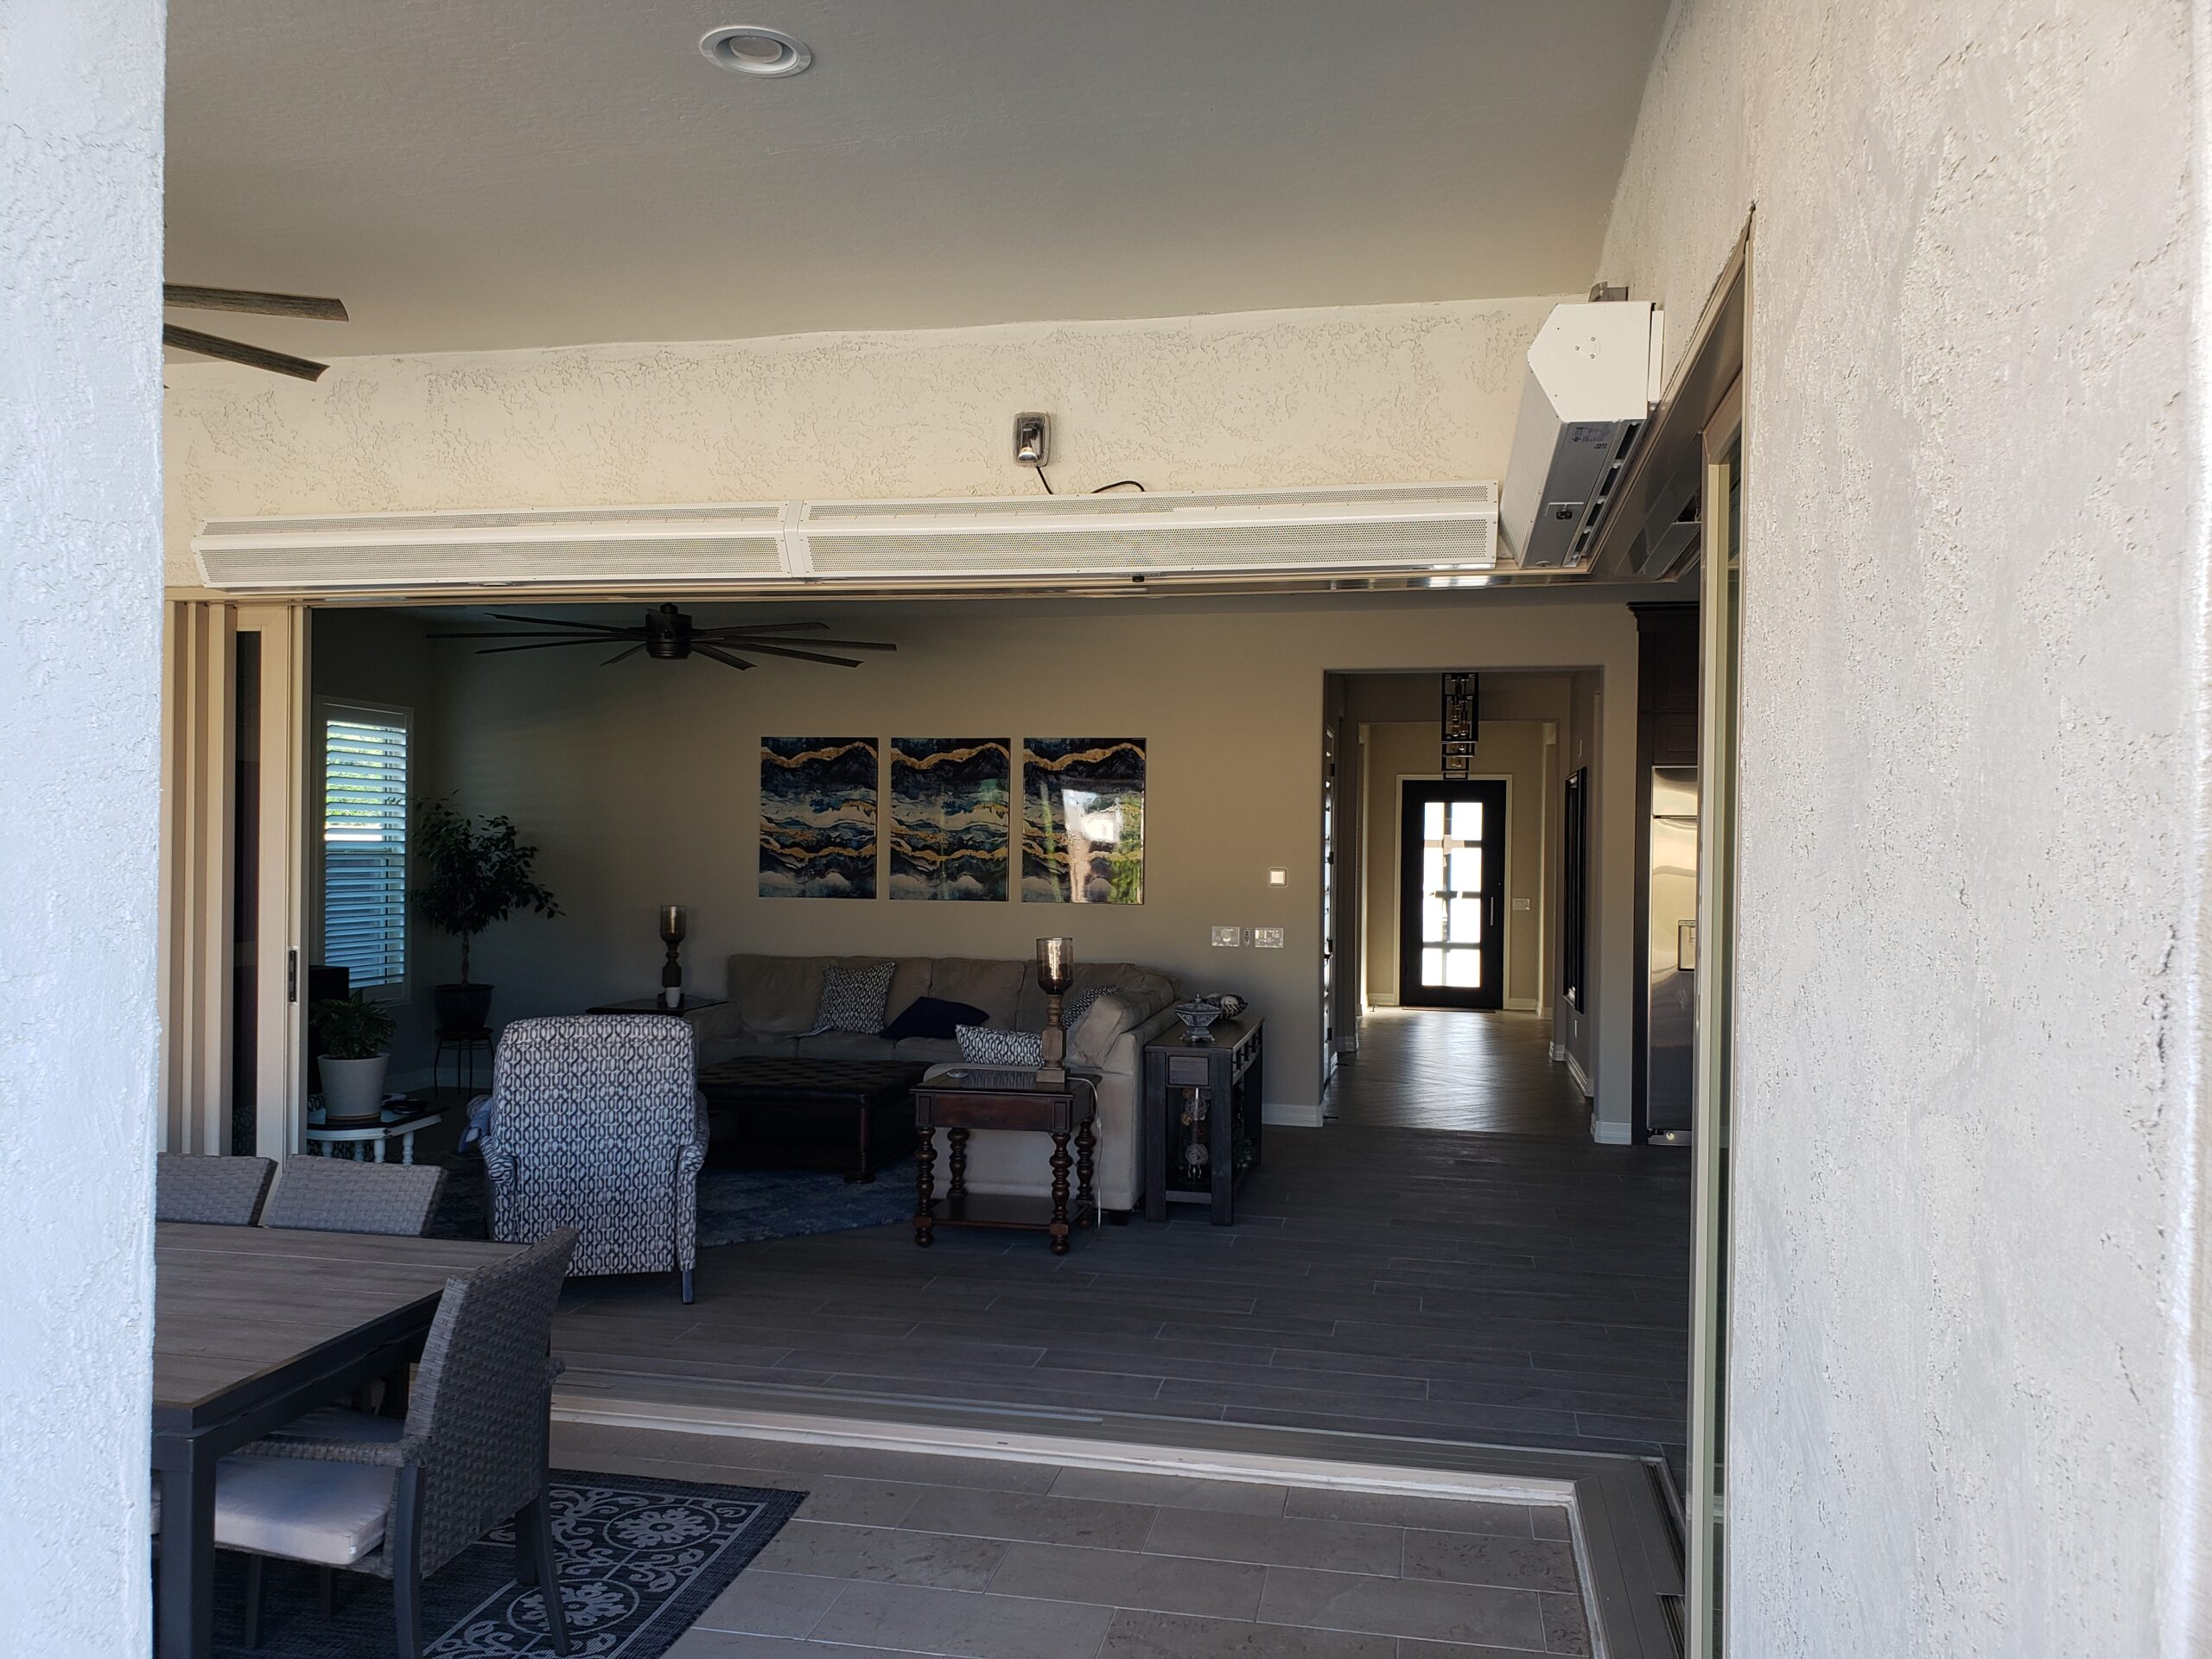 residential air curtain installation